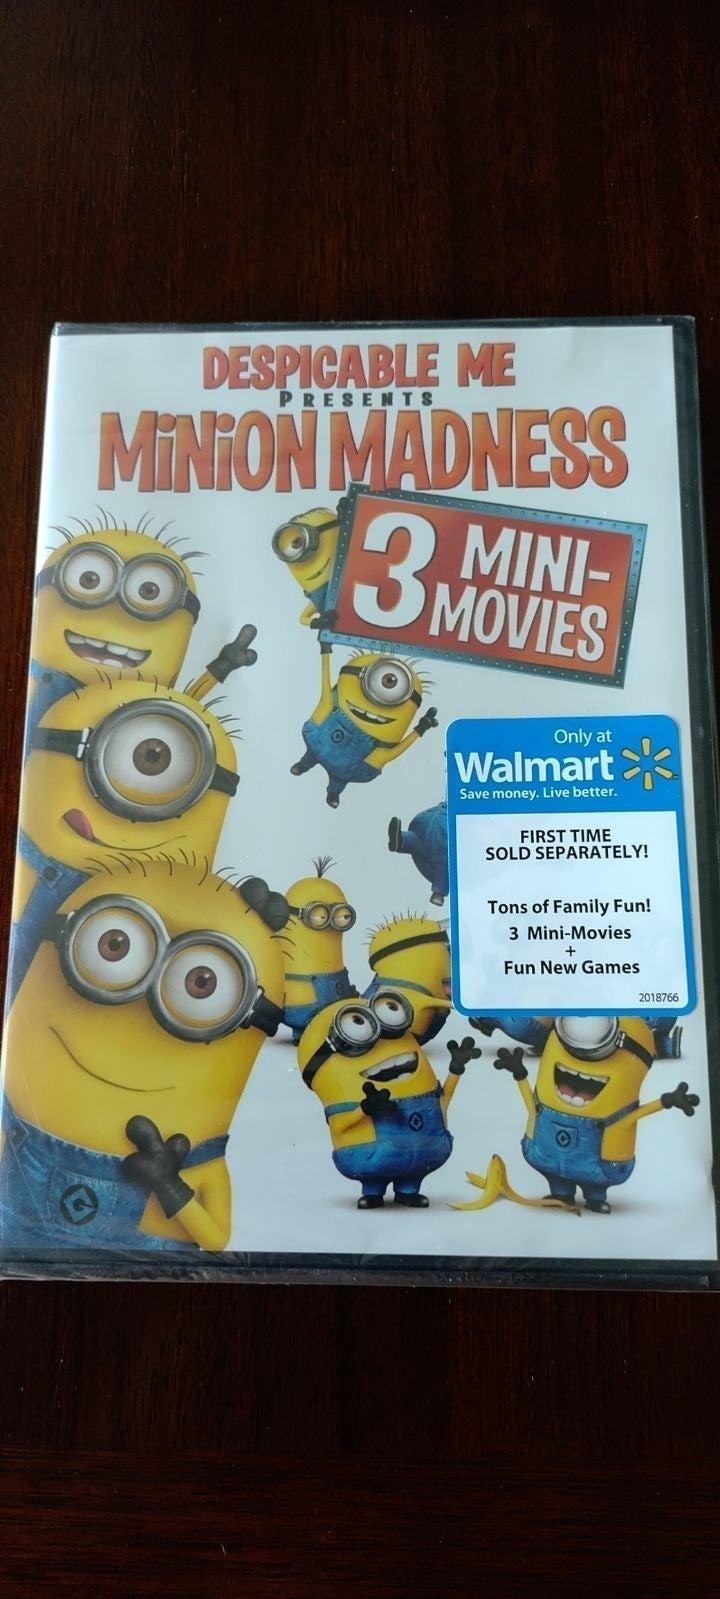 Minion Madness: 3 Mini-Movies DVD